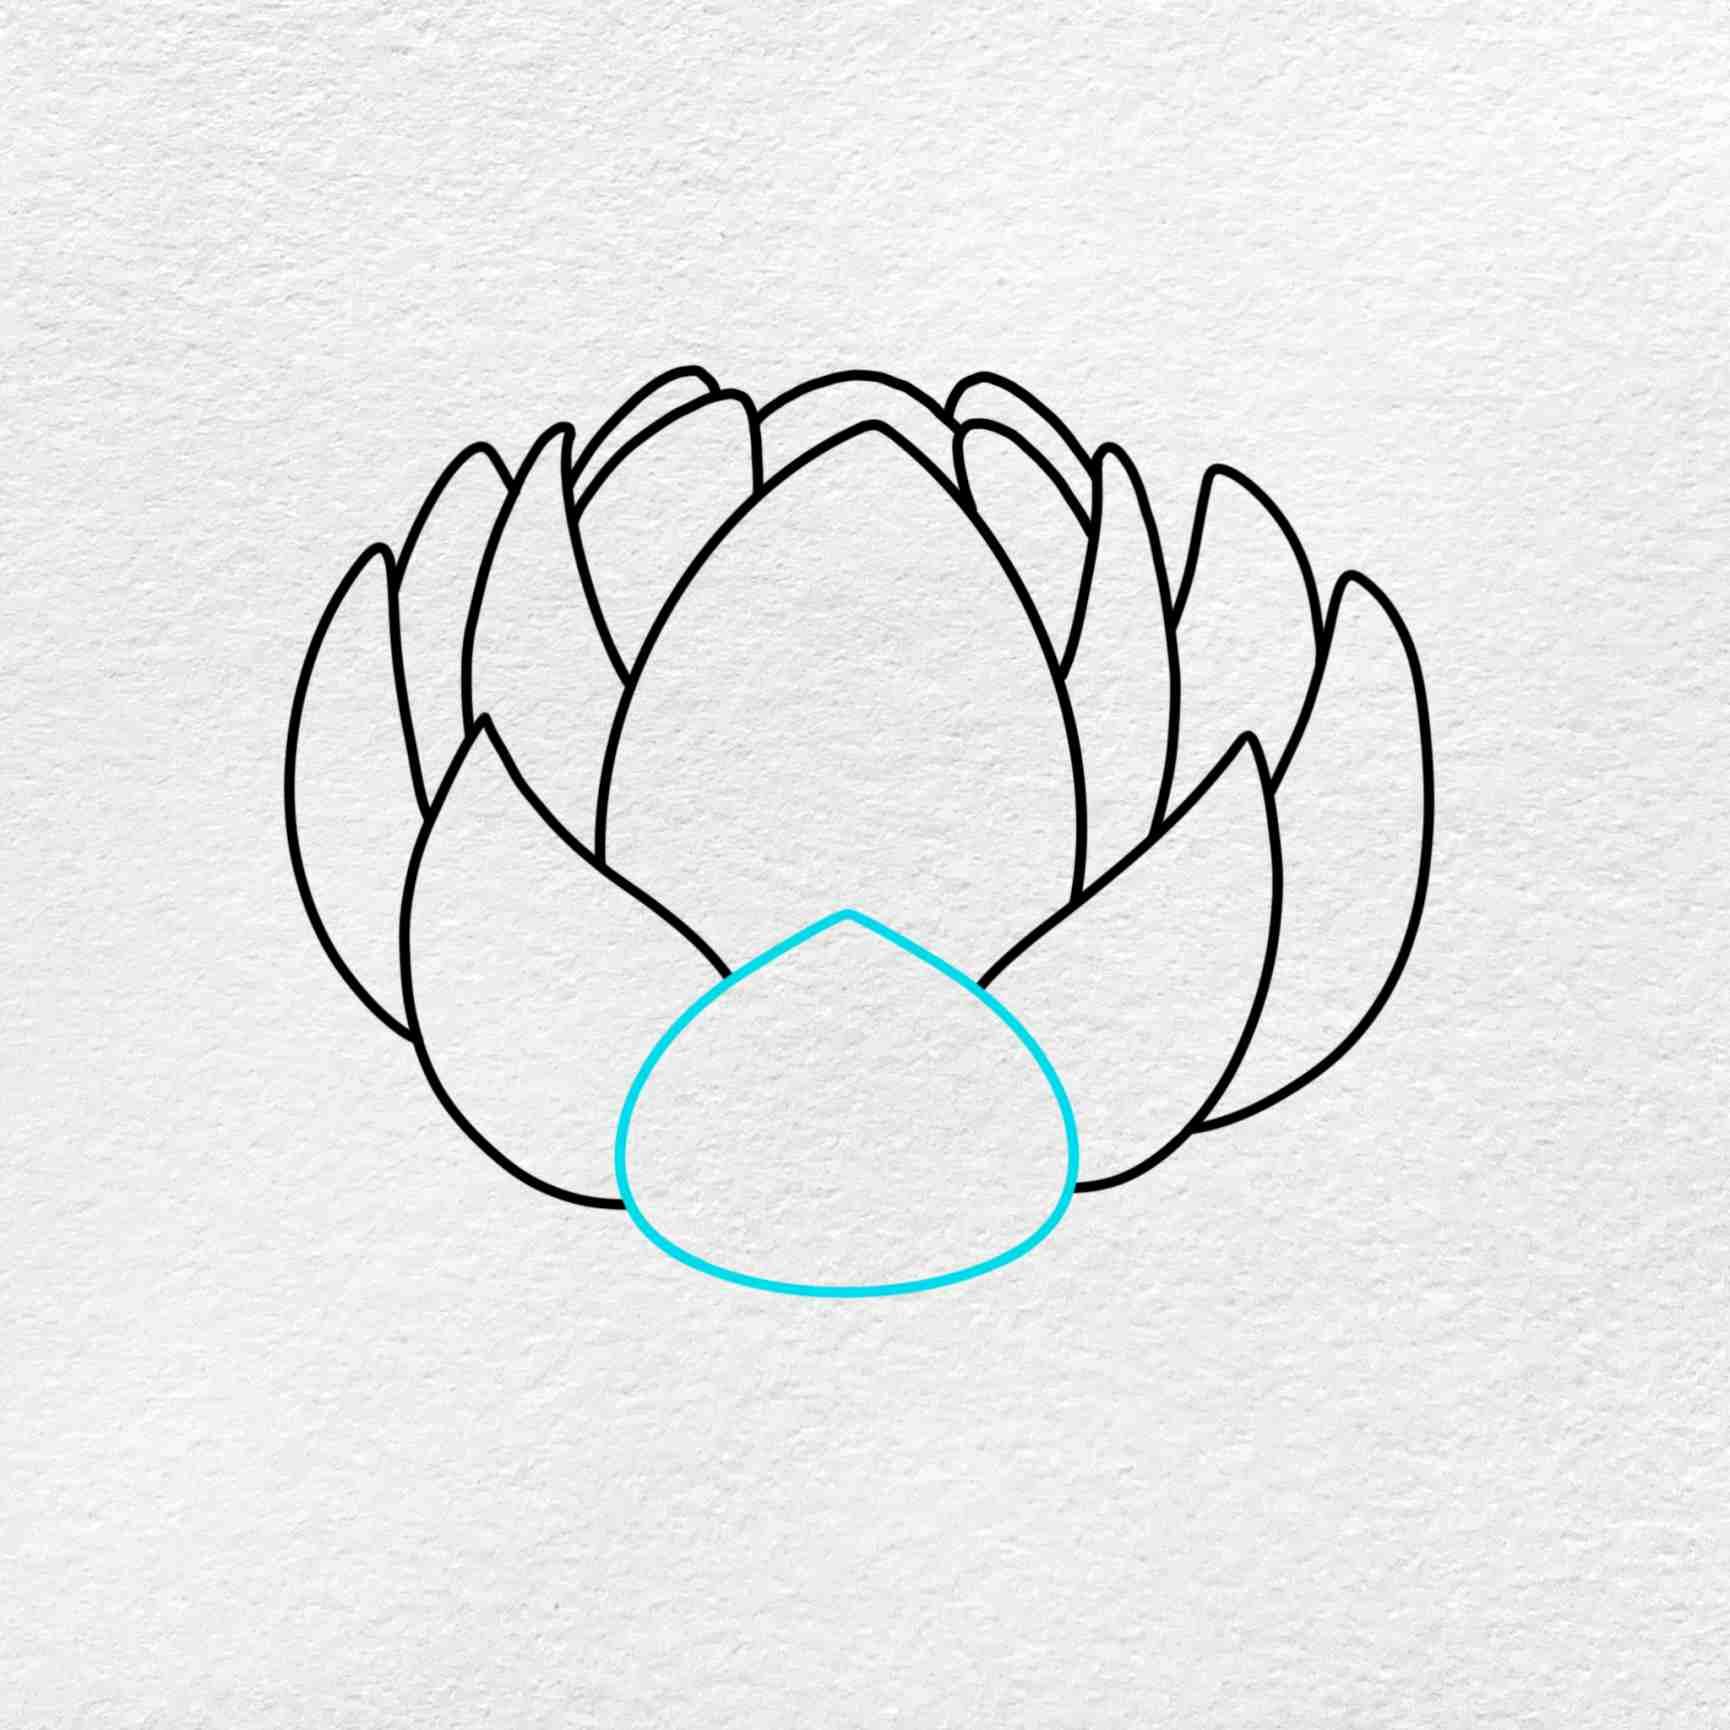 Easy Lotus Drawing: Step 4